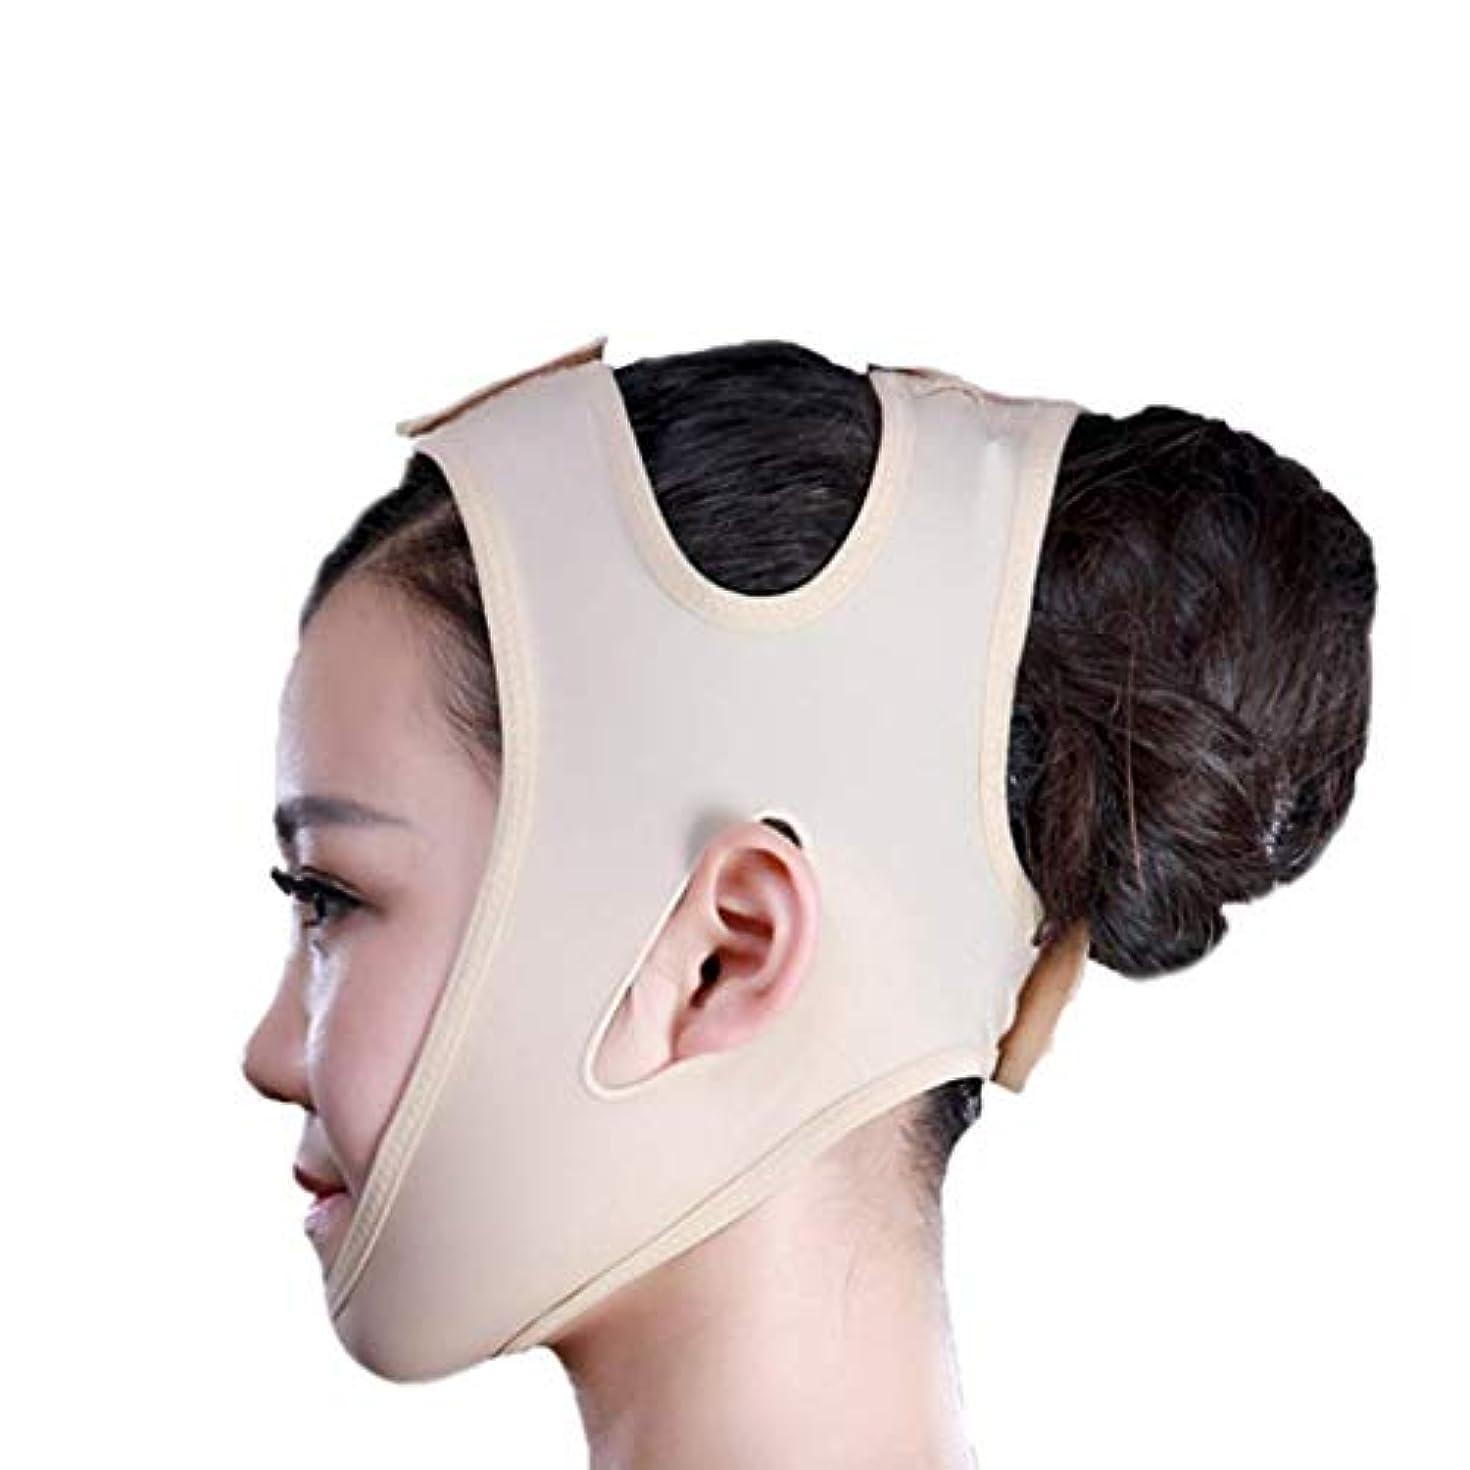 レギュラー割るコンピューターを使用するフェイススリミングマスク、快適さと通気性、フェイシャルリフティング、輪郭の改善された硬さ、ファーミングとリフティングフェイス(カラー:ブラック、サイズ:XL),黄色がかったピンク、M